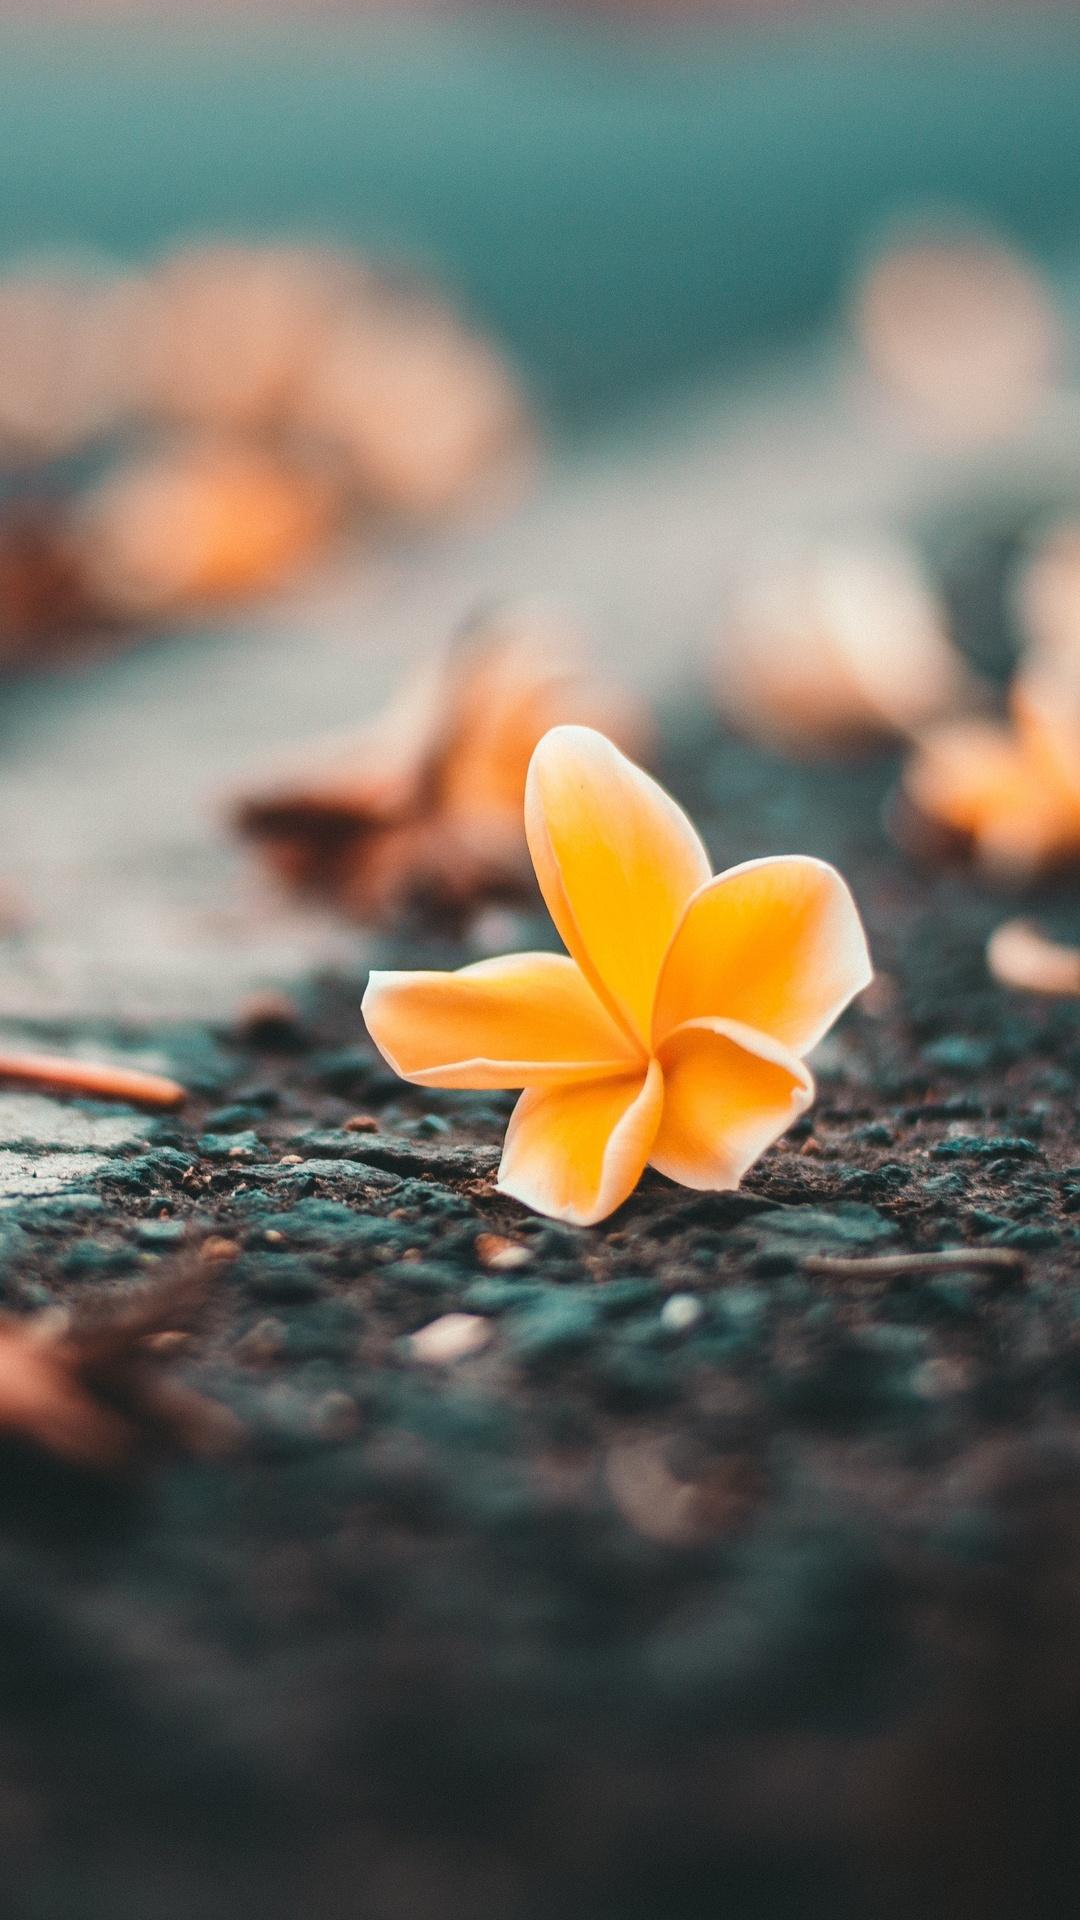 yellow-flower-on-roadside-mn.jpg